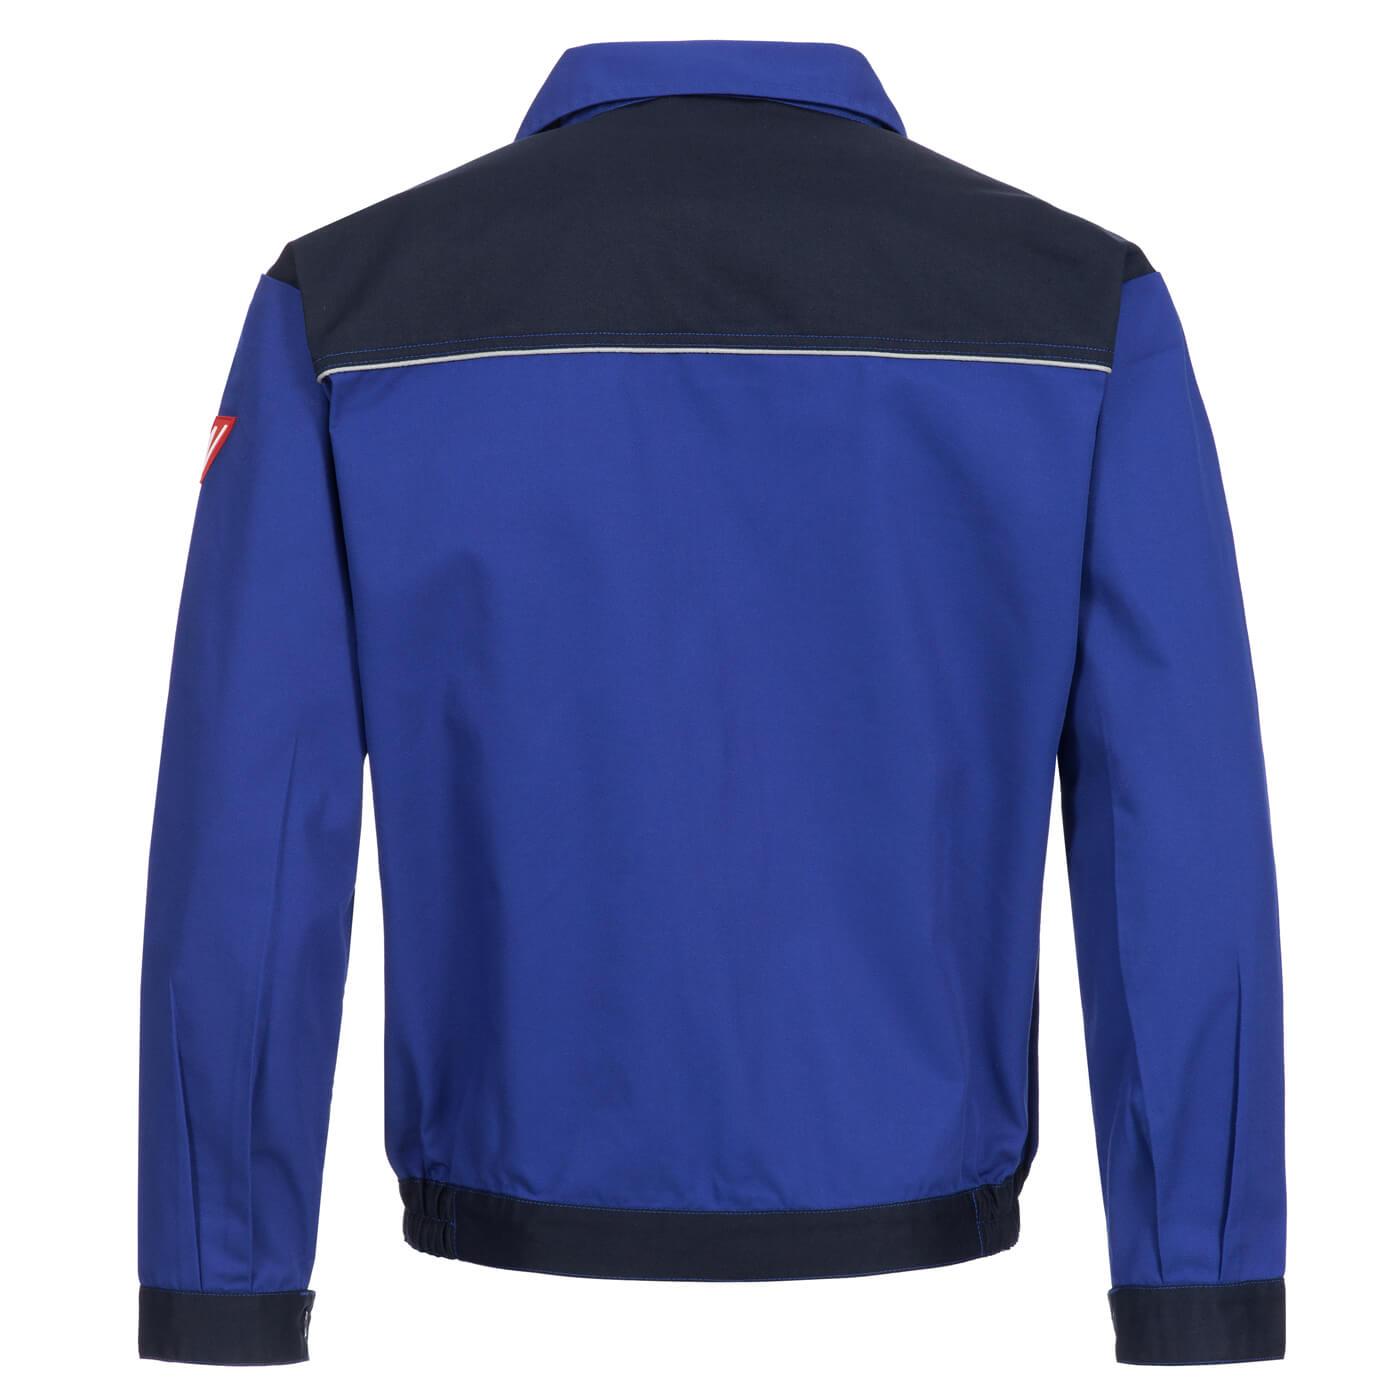 Bluza robocza Nitras 7551